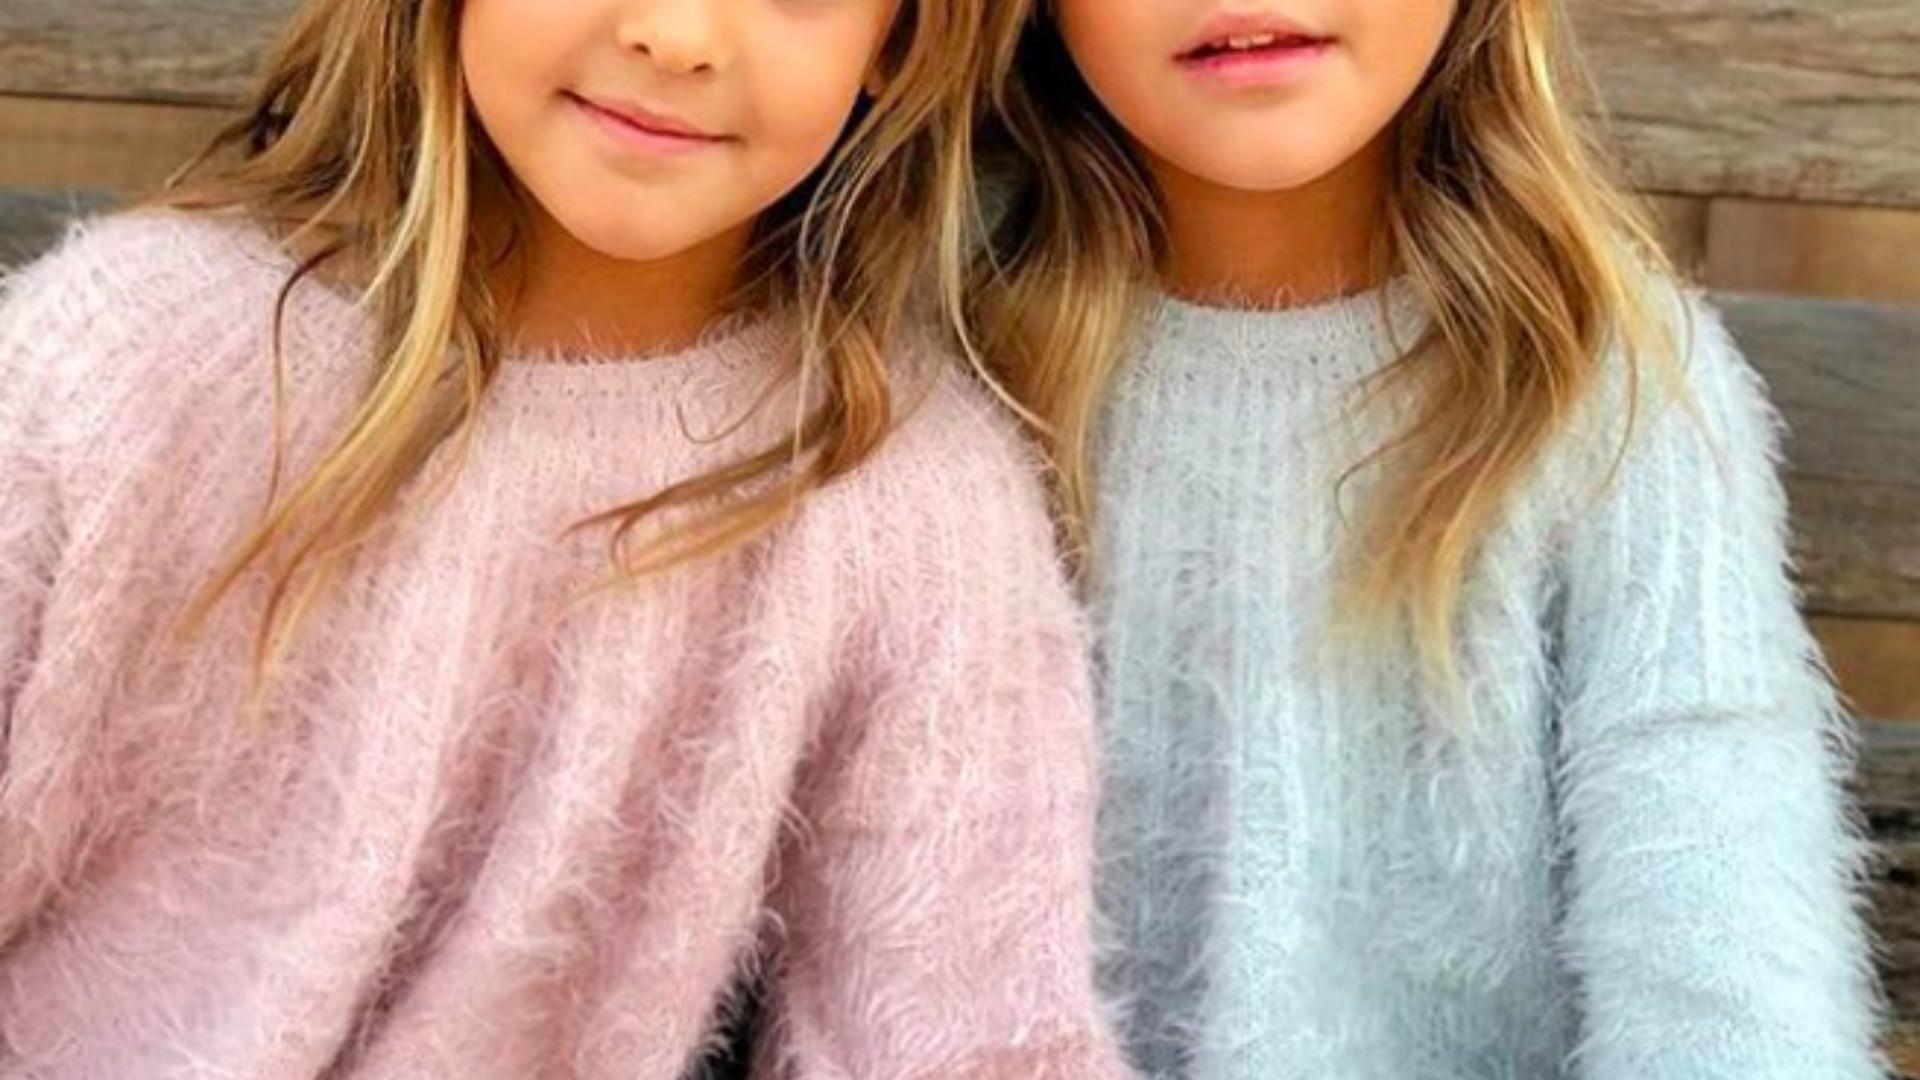 Ava Marie i Leah Rose